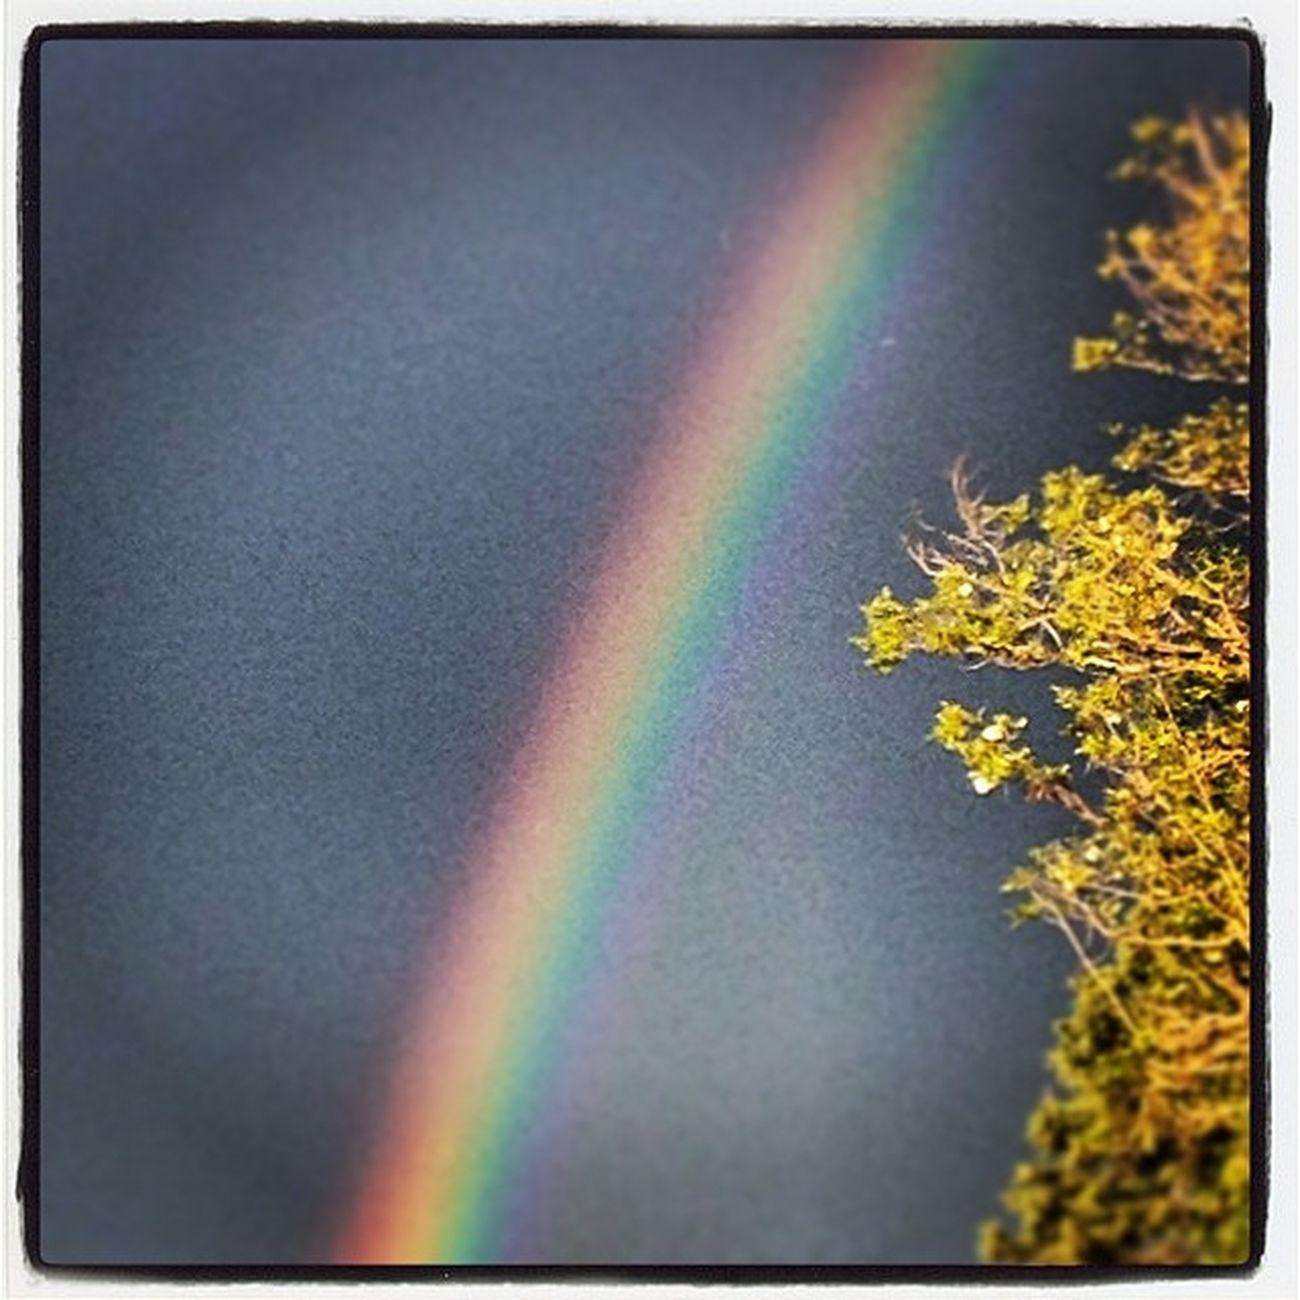 Se il buongiorno si vede dal mattino .... #instagram #igersitalia #igerspuglia #websta #rainbow #sky